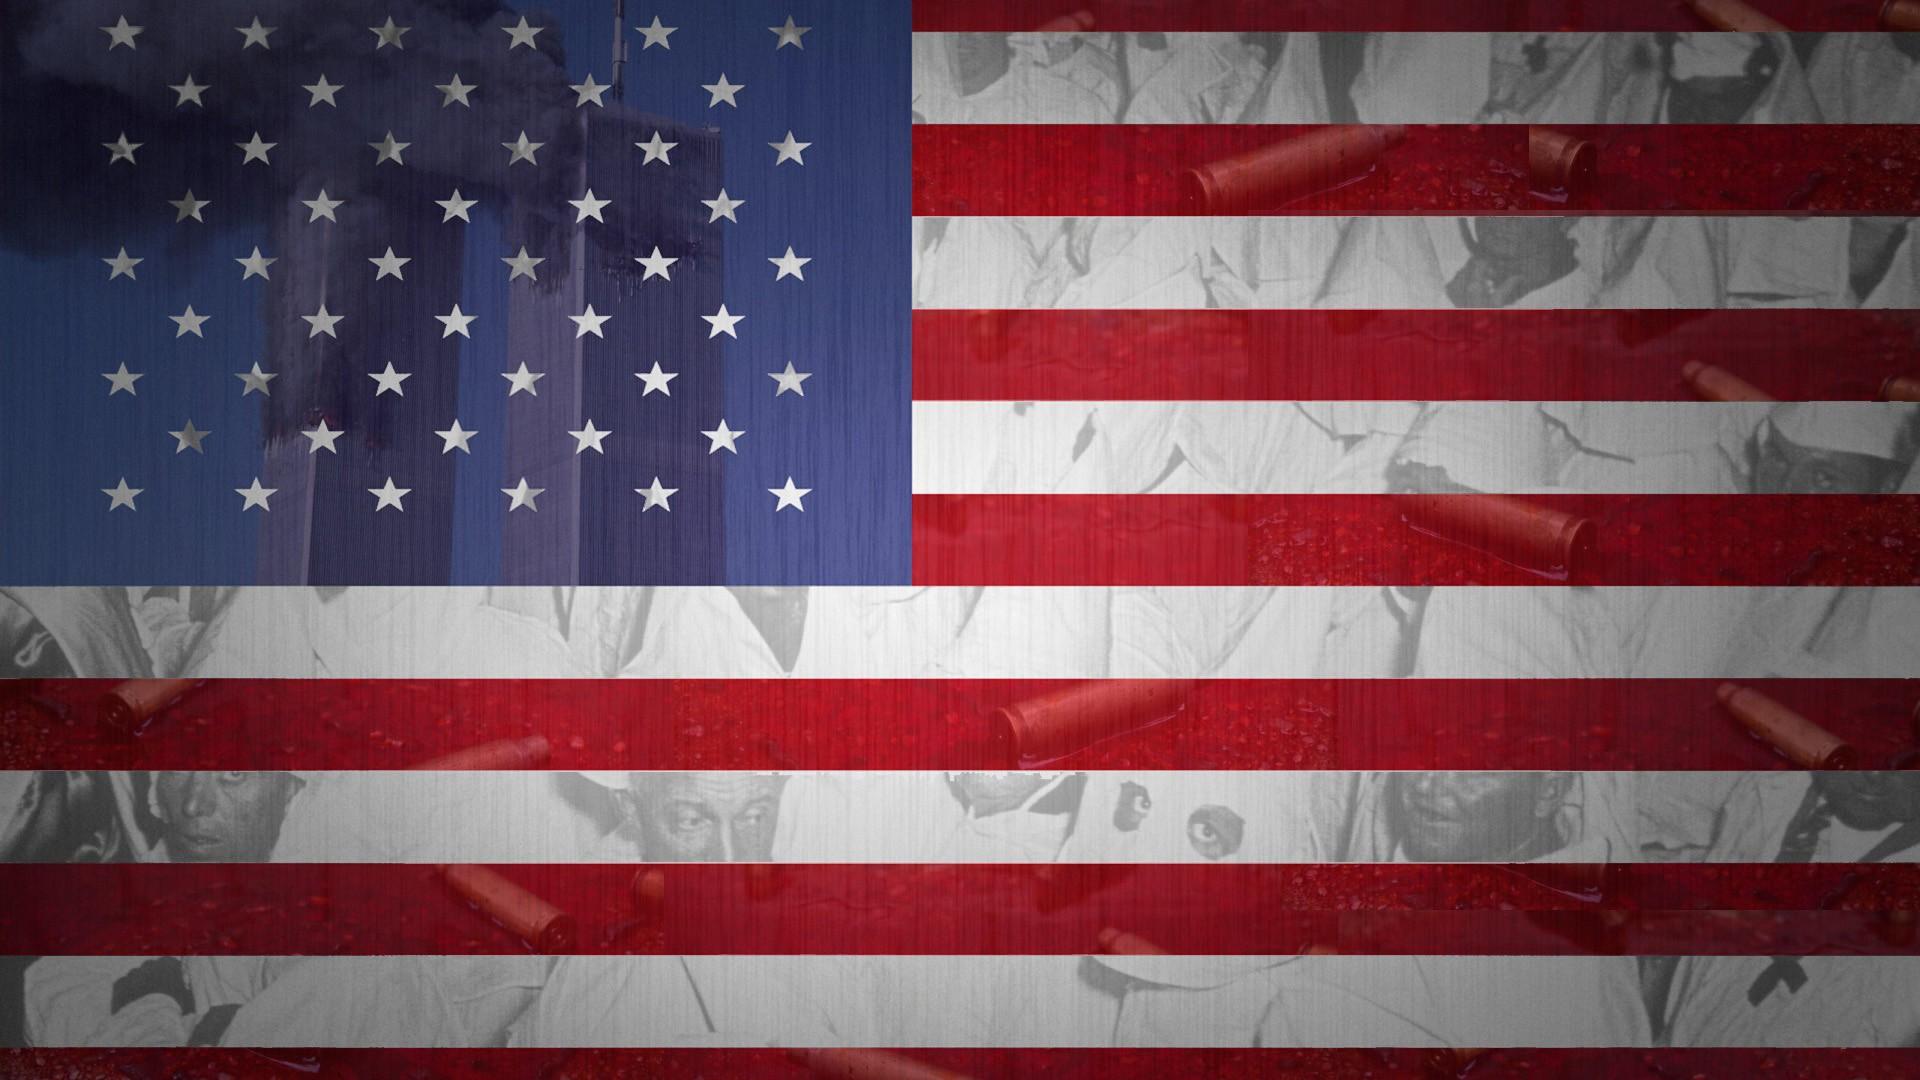 флаг сша картинки на рабочий стол двух вызывает более